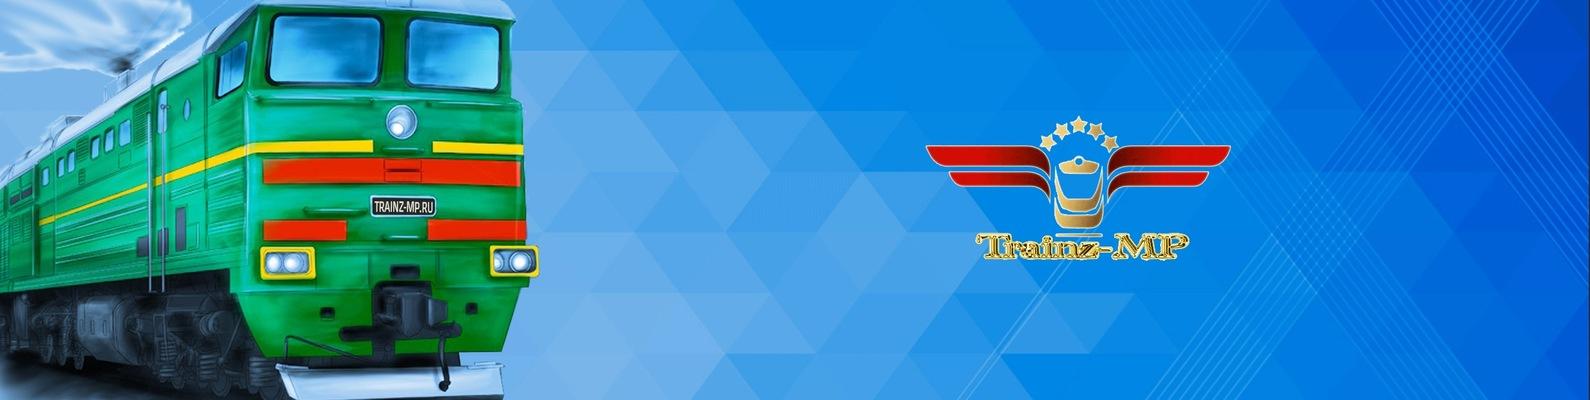 Trainz-Mp - Мультиплееры в Trainz и RTrainSim | ВКонтакте